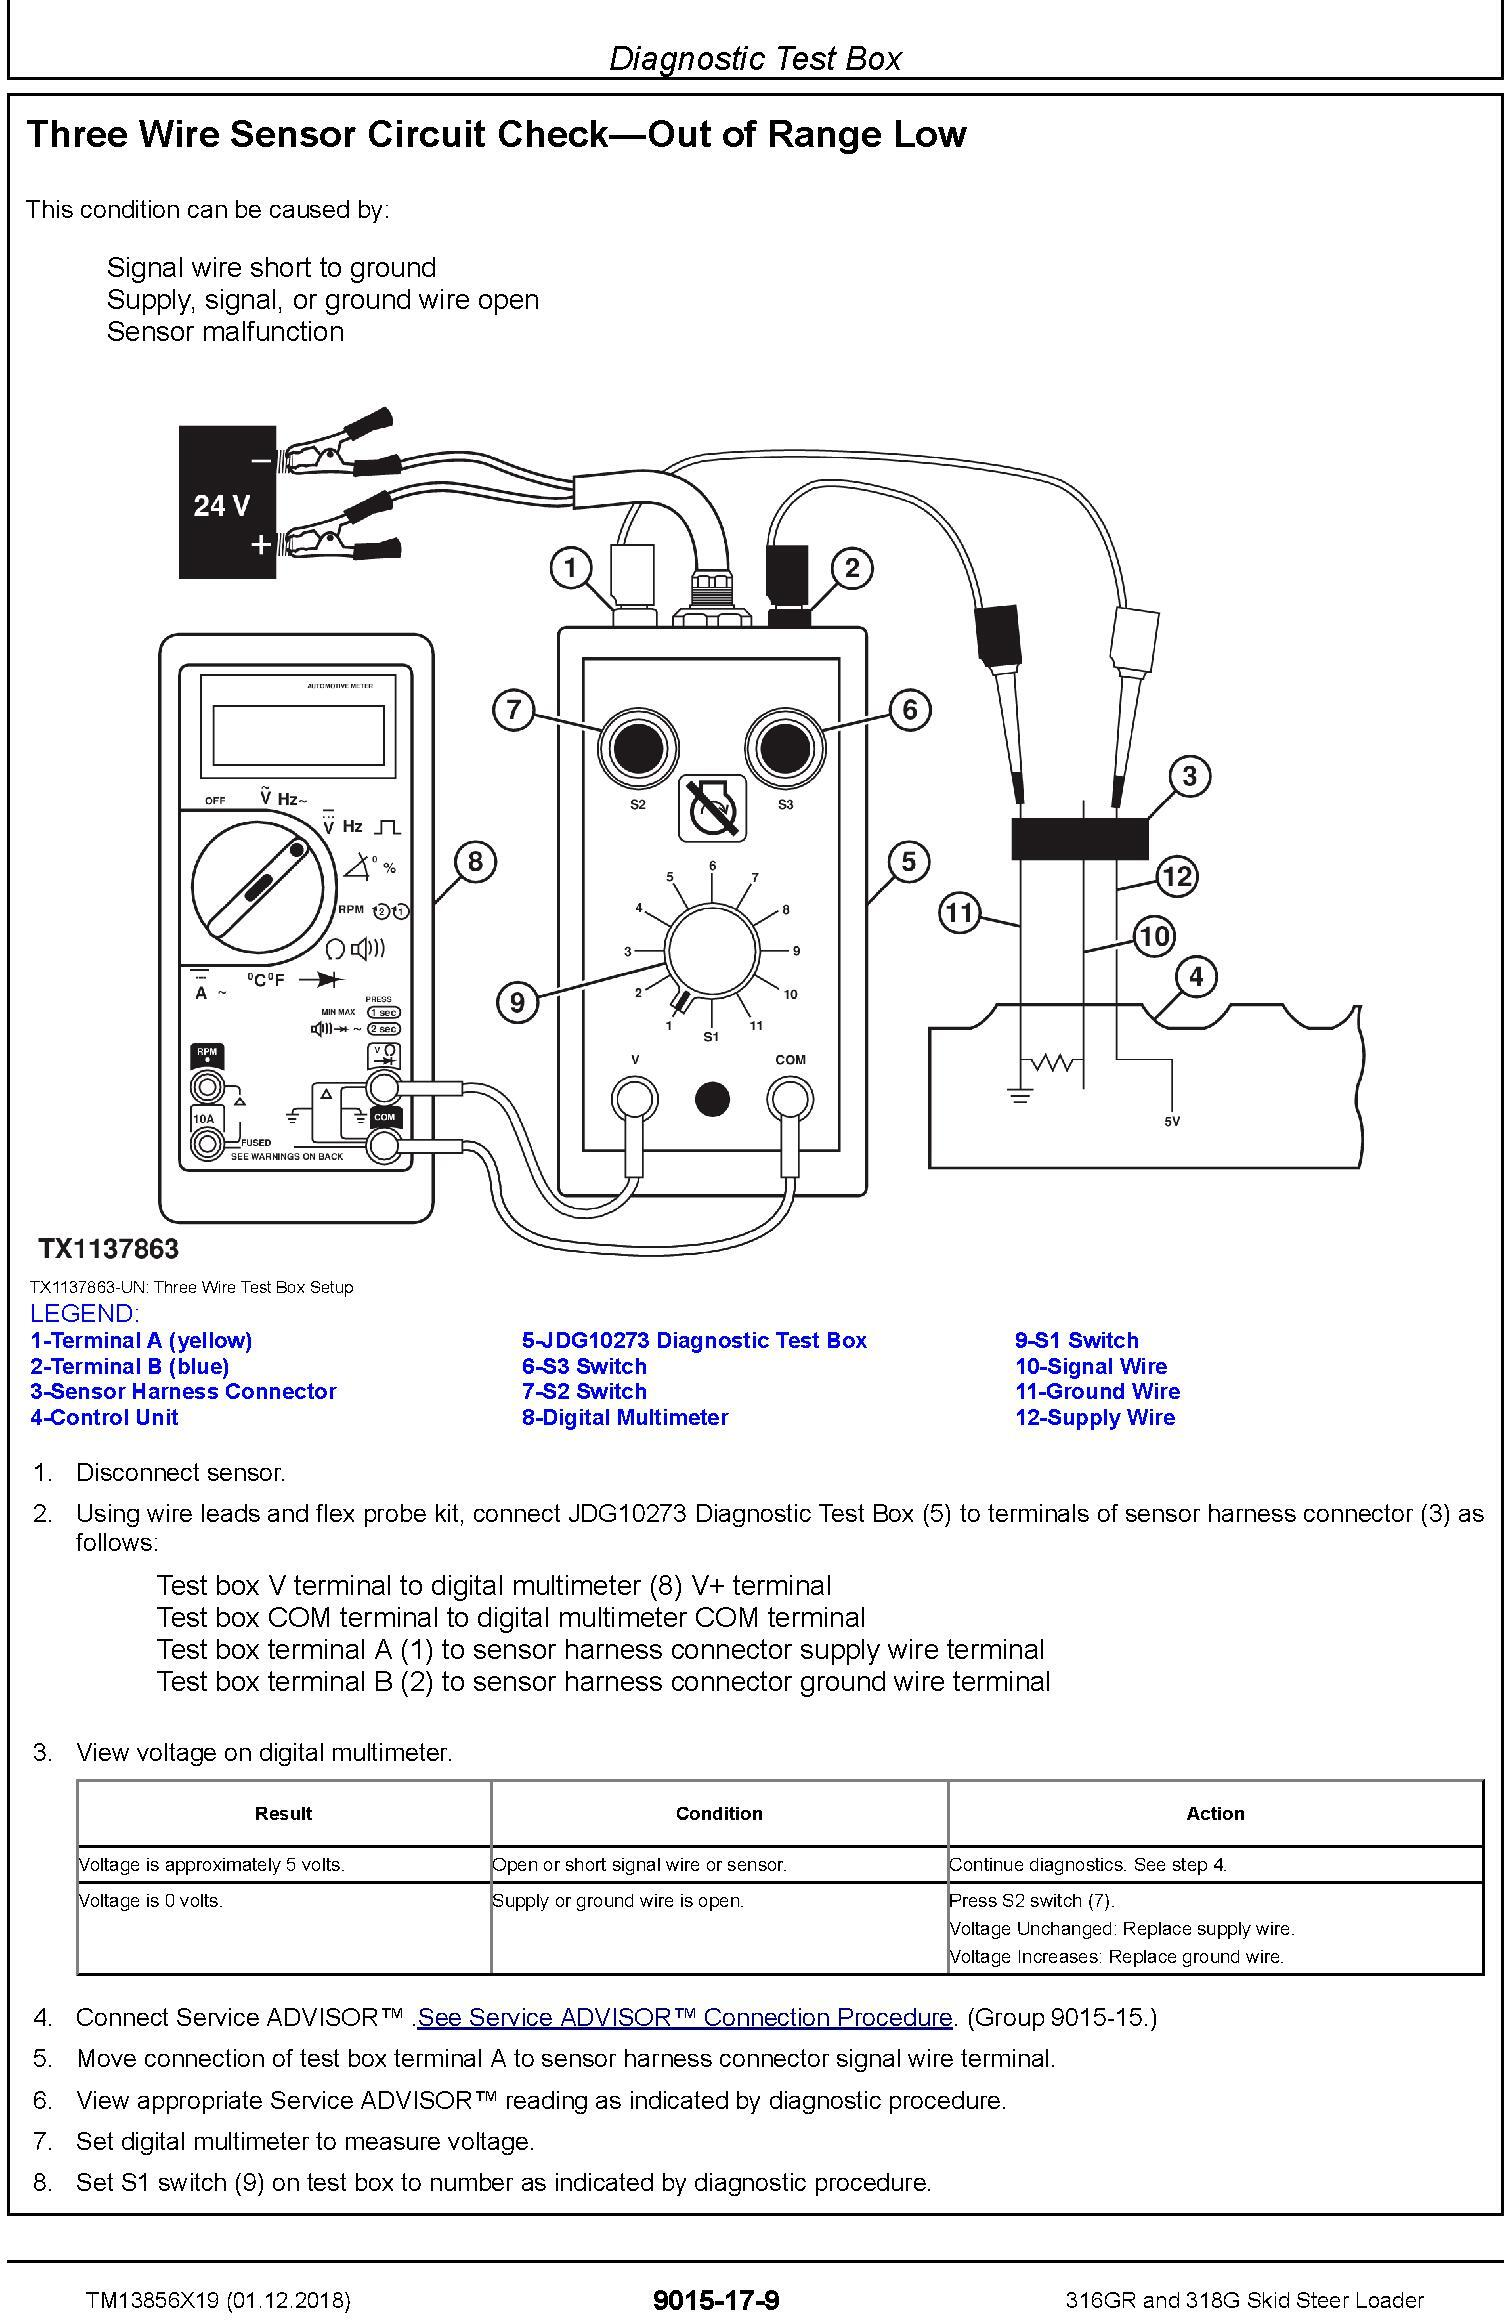 John Deere 316GR and 318G Skid Steer Loader Operation & Test Technical Service Manual (TM13856X19) - 2